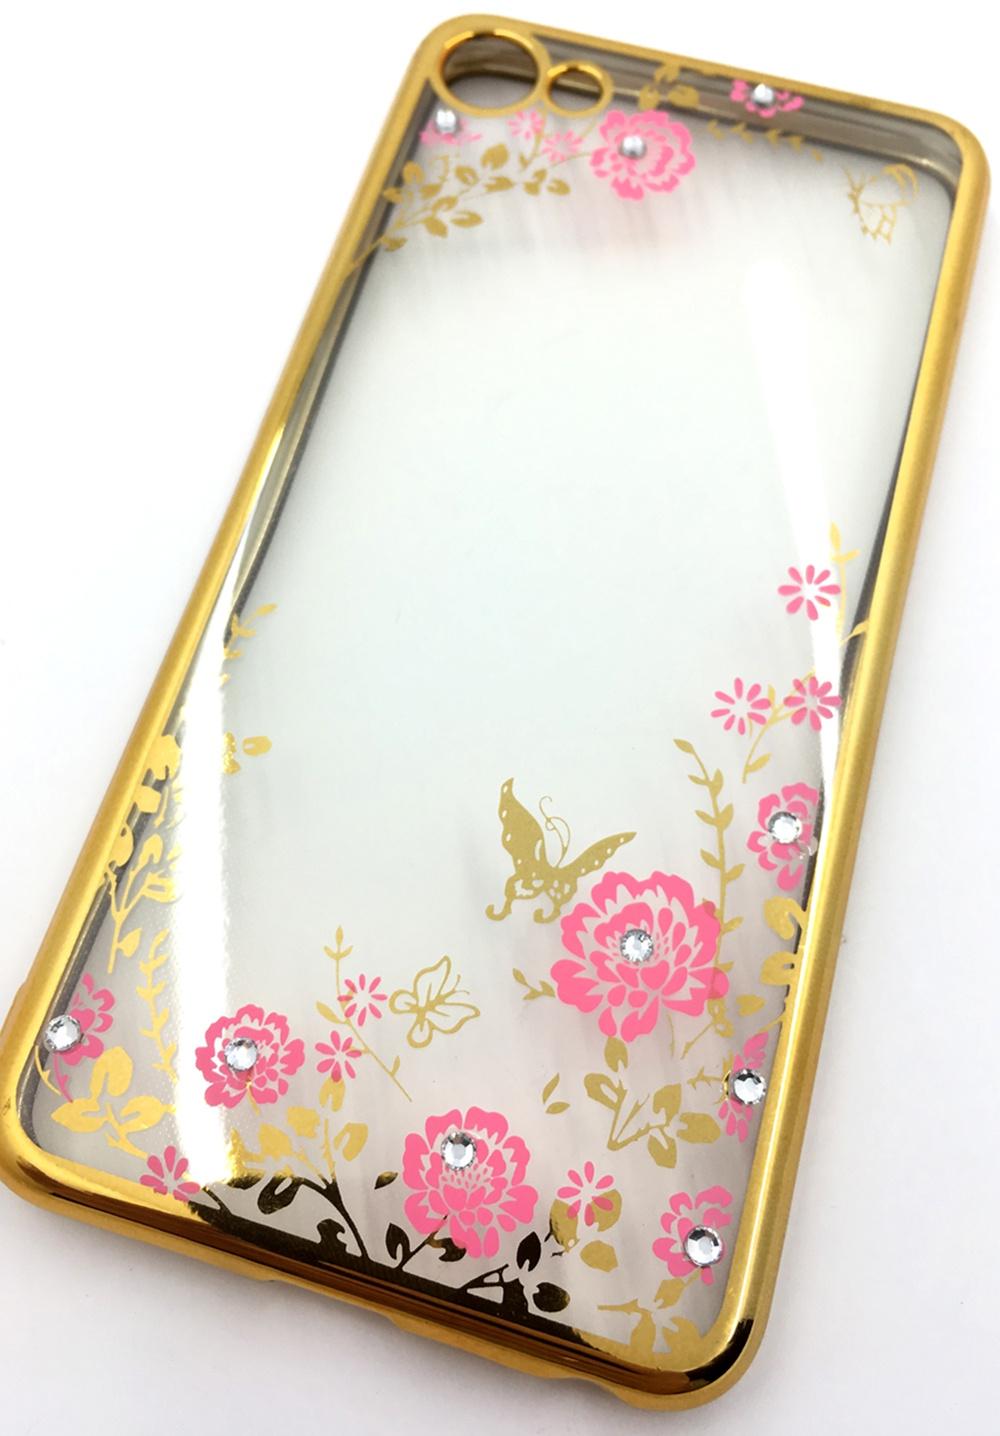 Чехол для сотового телефона Мобильная мода Meizu U10 Силиконовая, прозрачная накладка со стразами, 6366G, золотой чехол для сотового телефона мобильная мода meizu pro 6 силиконовая прозрачная накладка со стразами 6371g золотой